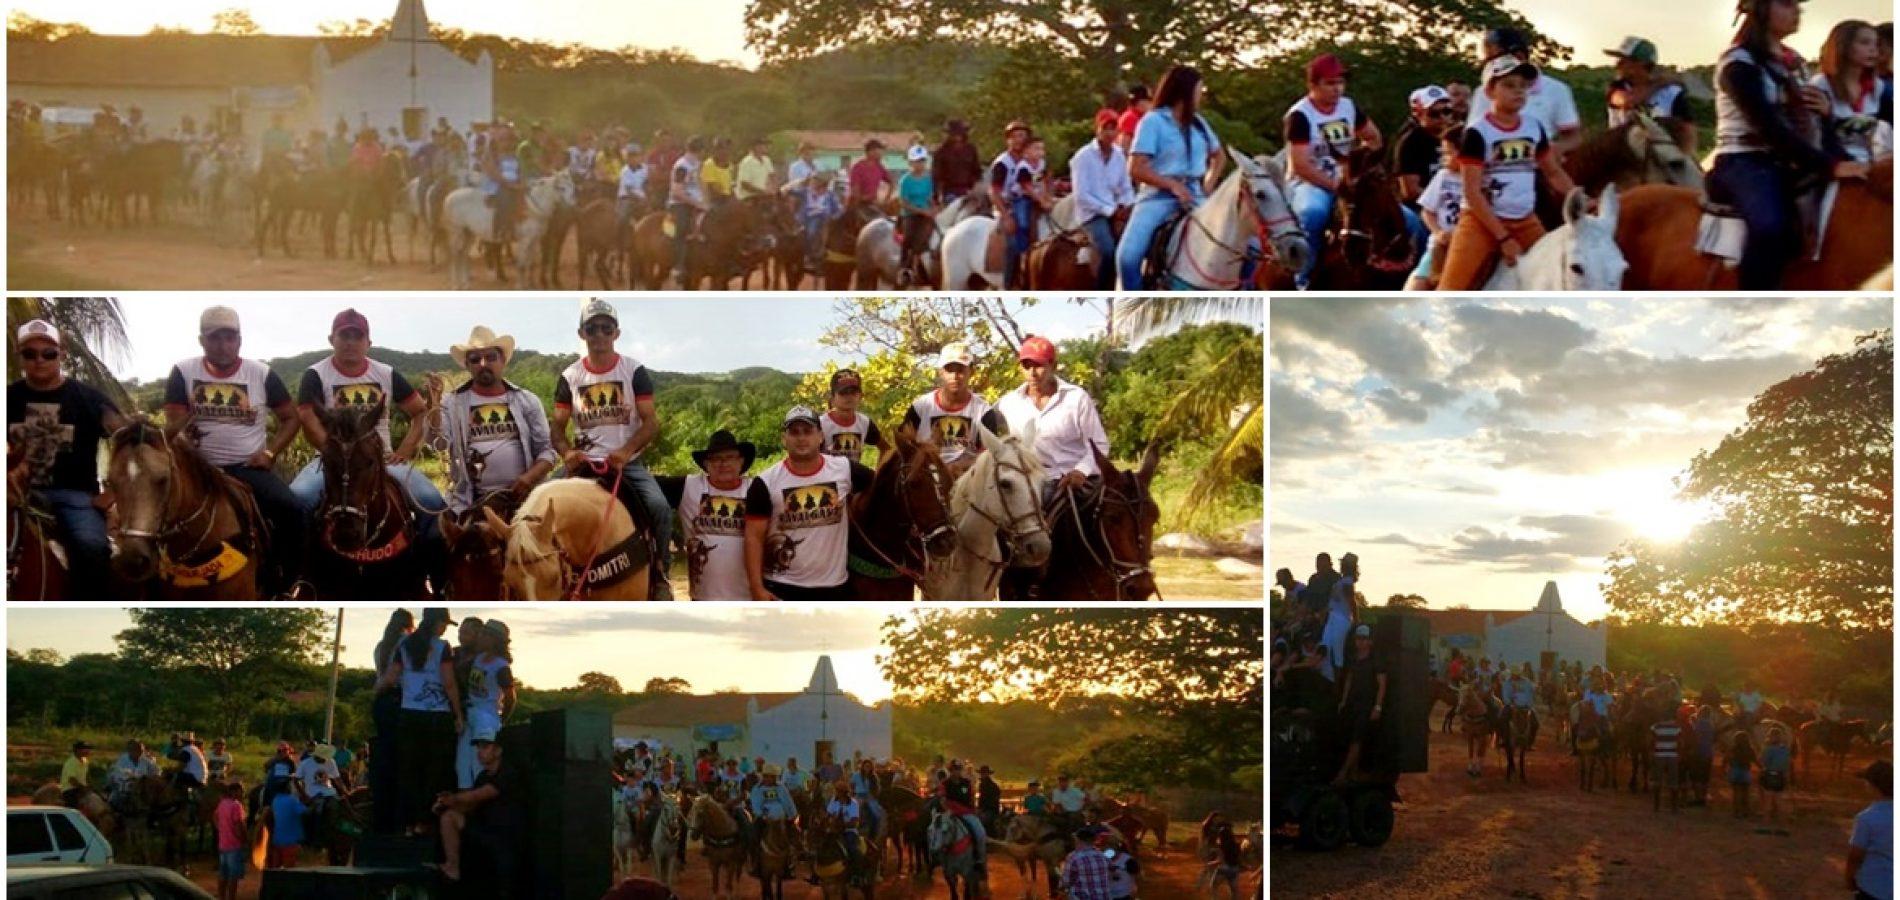 Cavalgada e celebração religiosa marcam 8ª noite do Festejo de São José no povoado Retiro, em Francisco Macedo